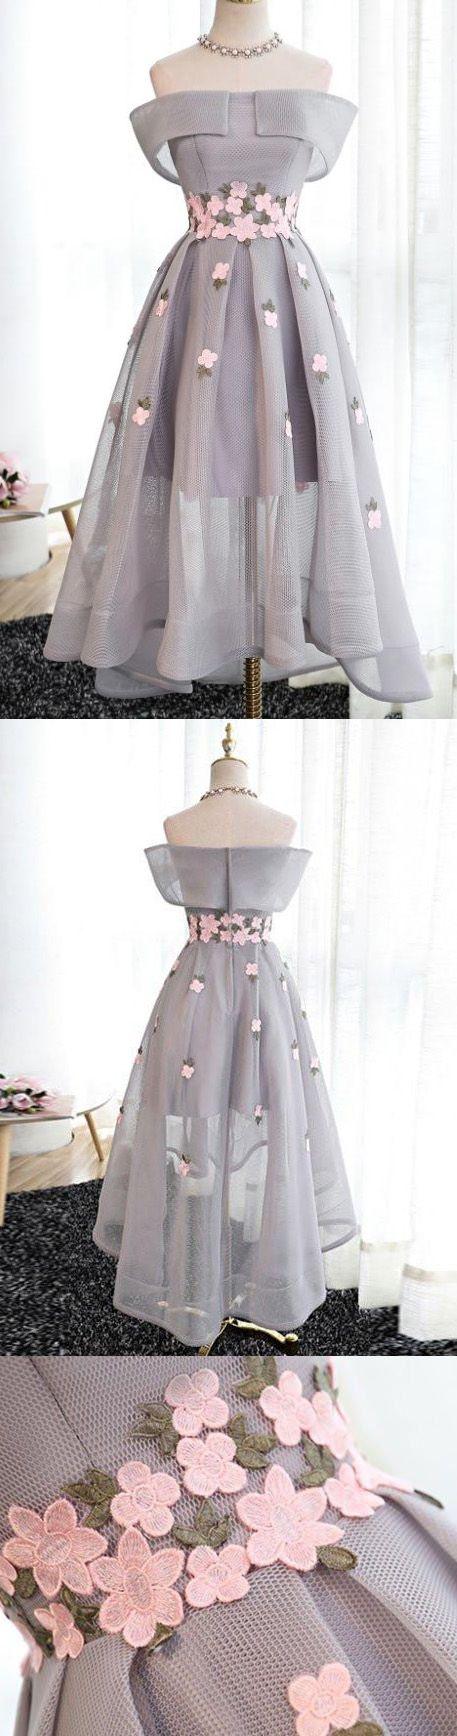 Long prom dresses prom dresses cheap prom dresses short